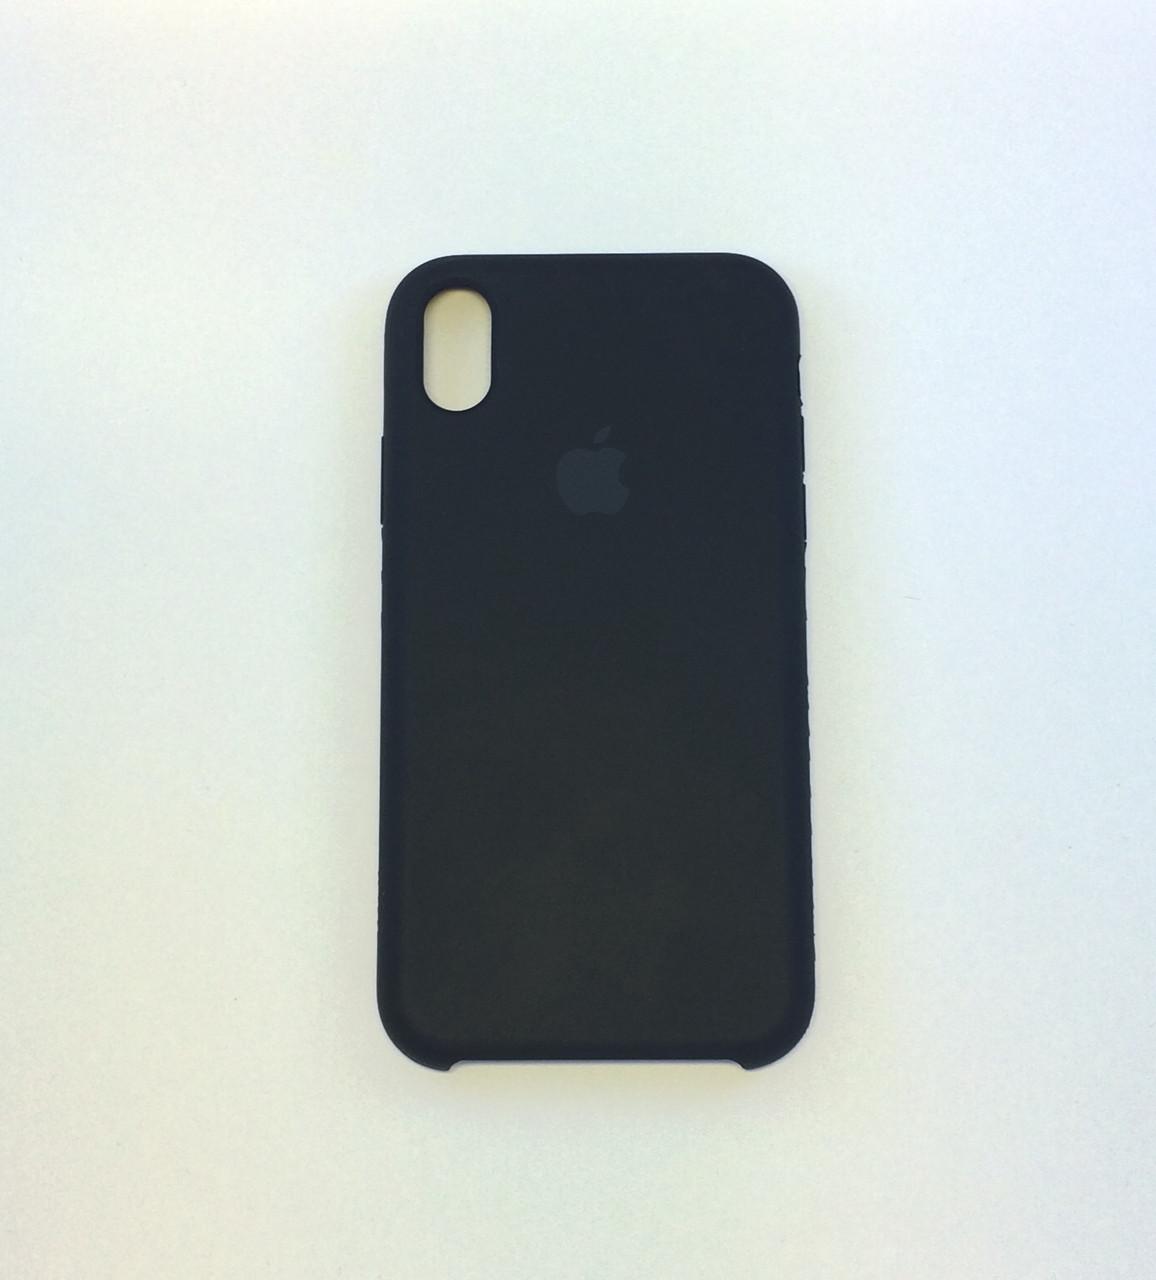 Силиконовый чехол iPhone X, черный, силикон, copy original